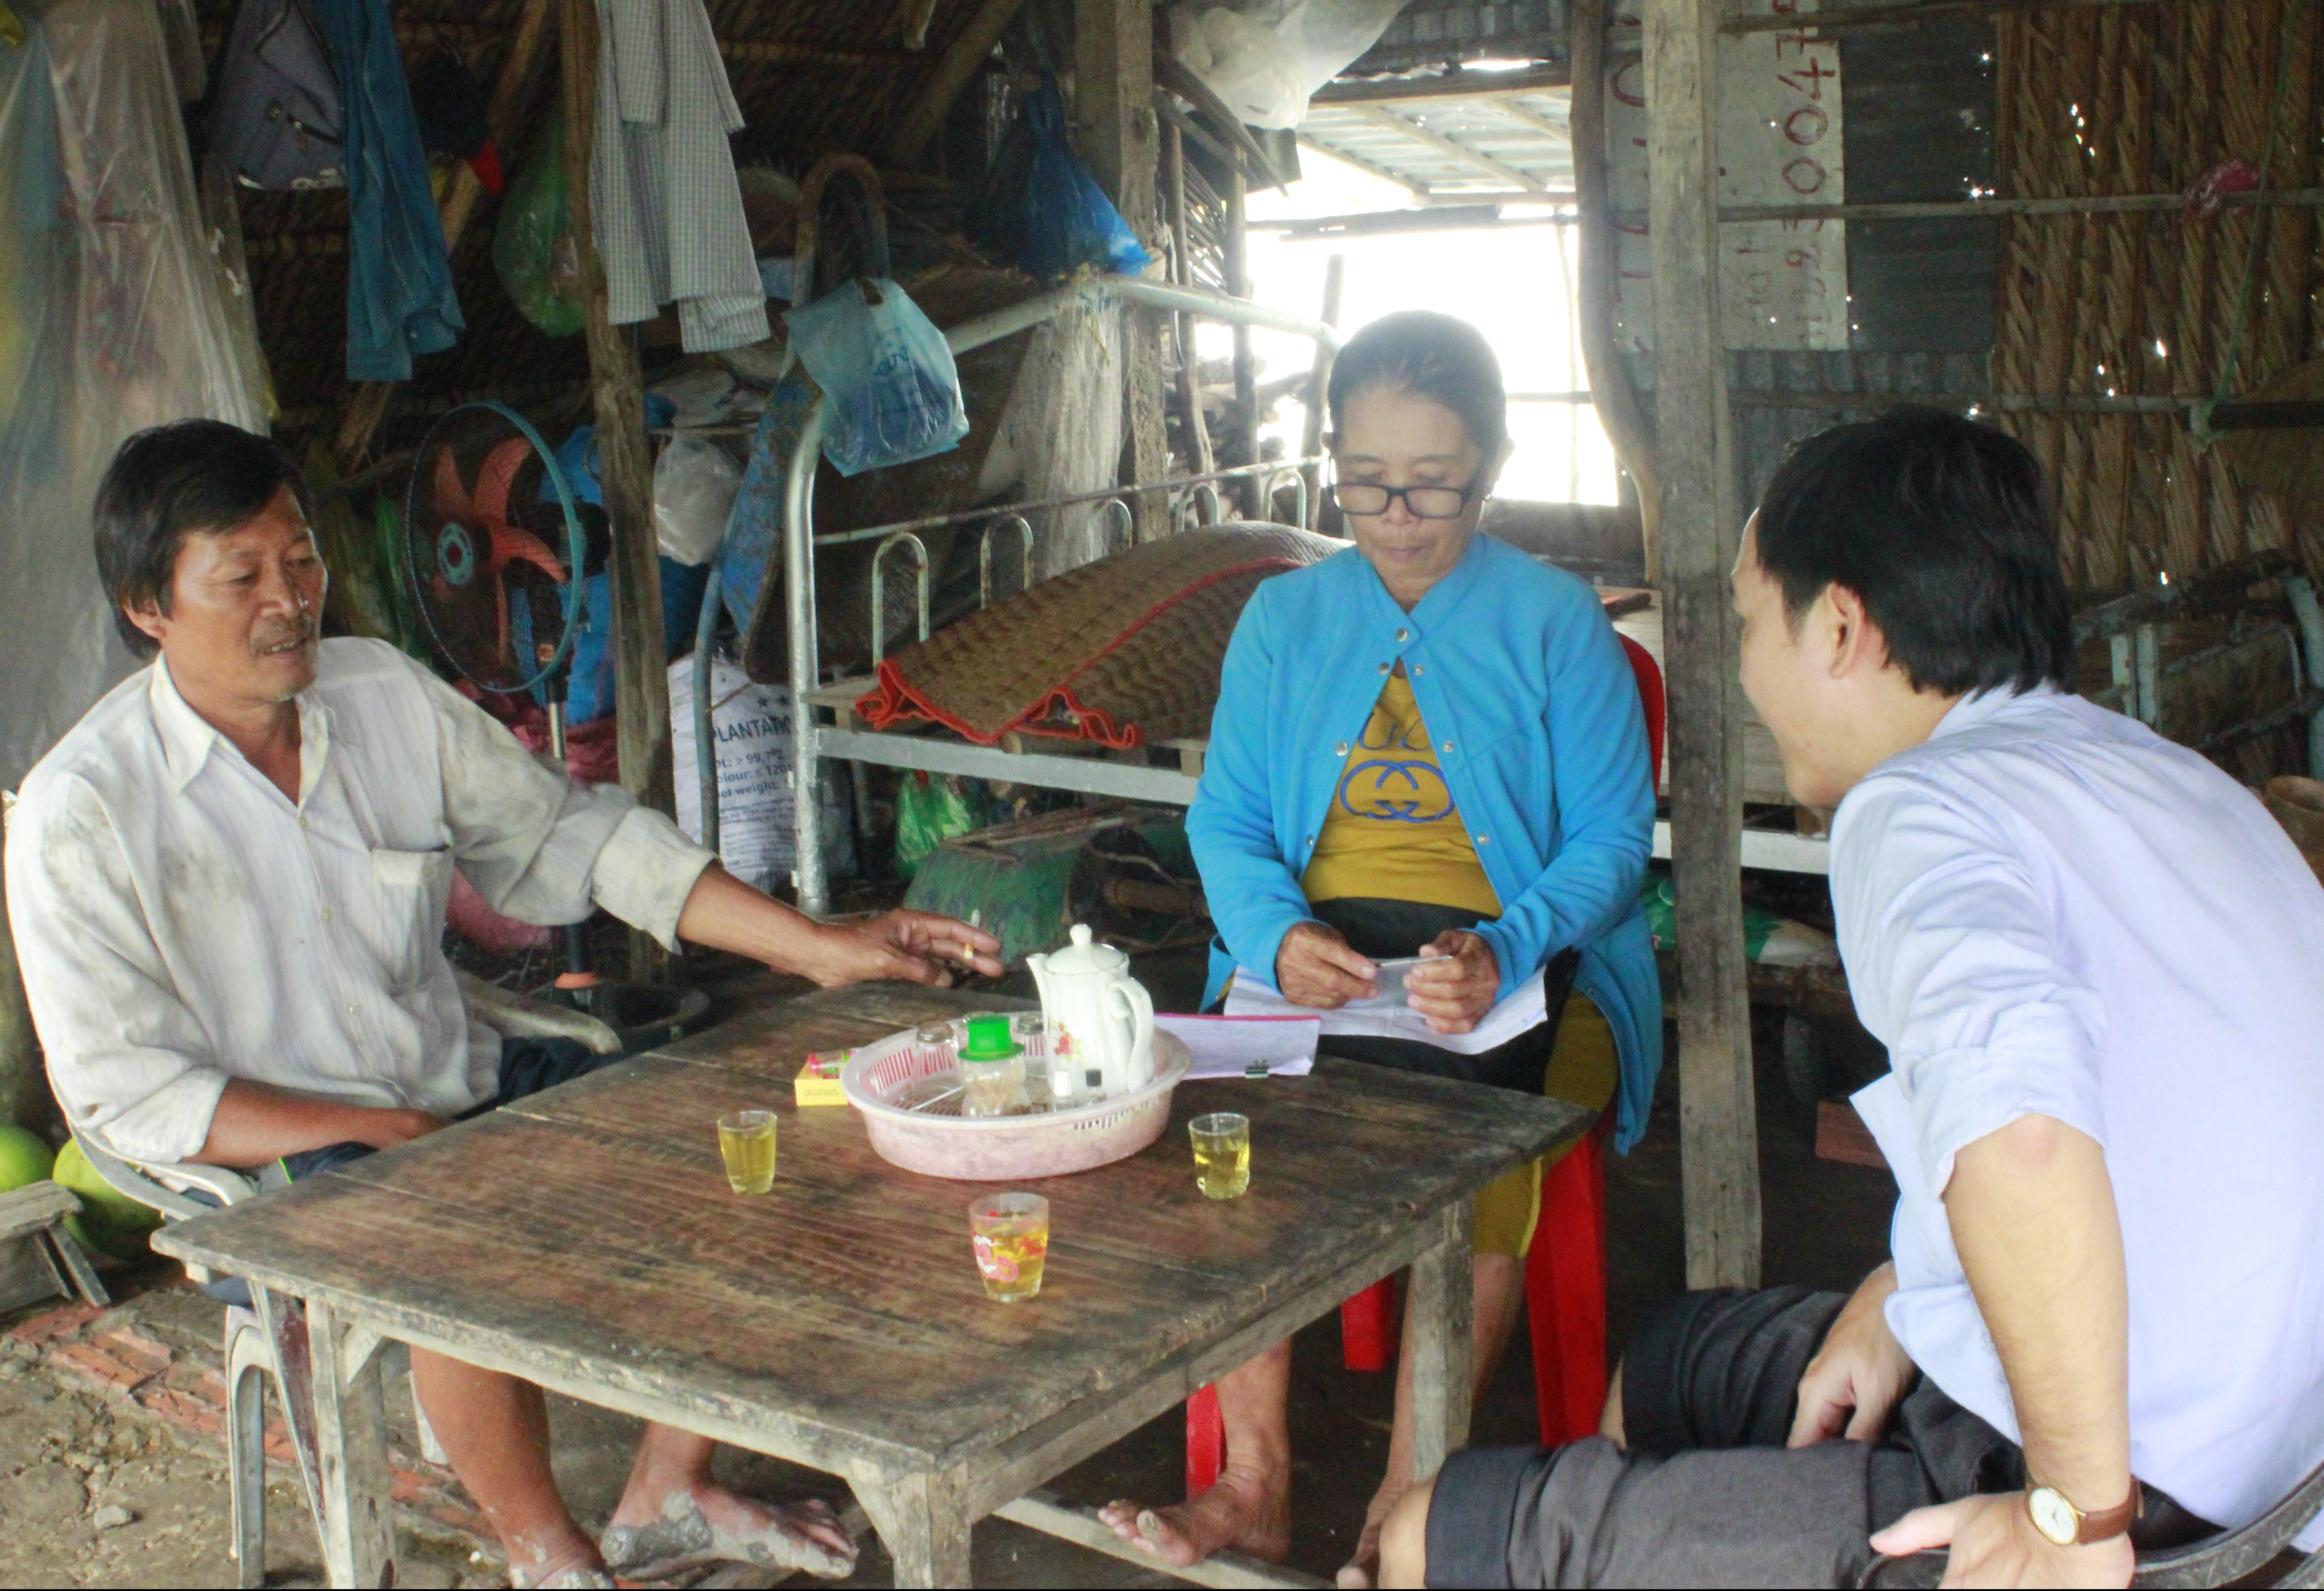 Nhiều hộ nghèo người dân tộc Kh'mer ở Cà Mau được hỗ trợ từ nguồn tín dụng ưu đãi